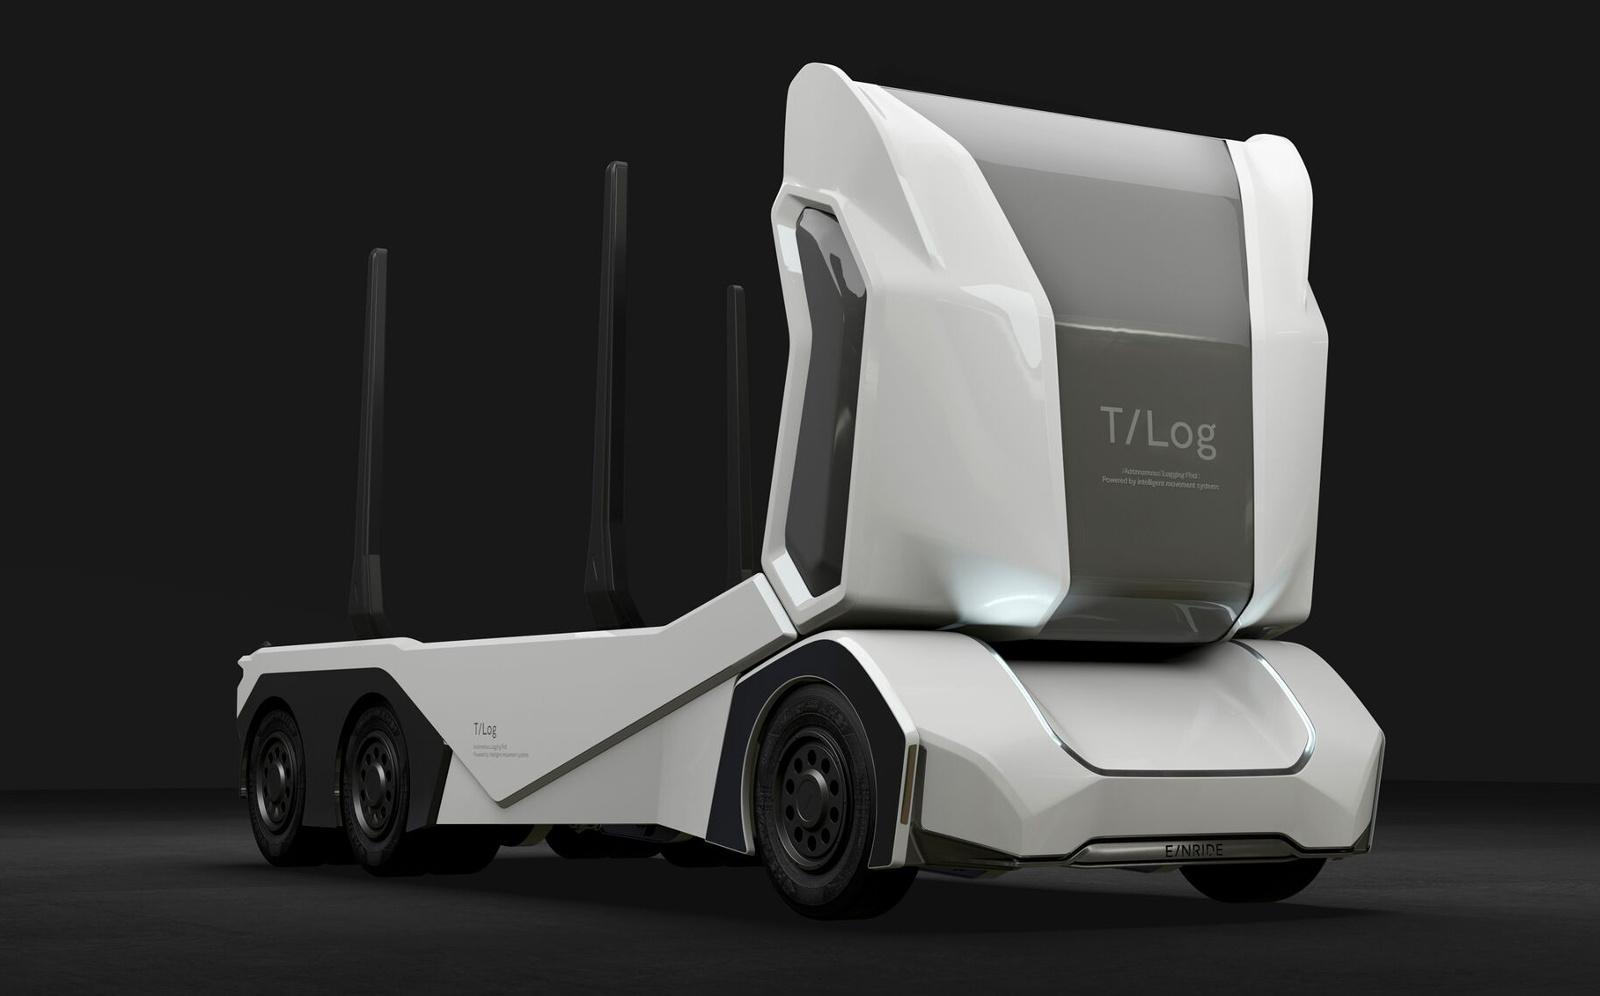 瑞士出现一款运木卡车 而且号称实现了L4级自动驾驶